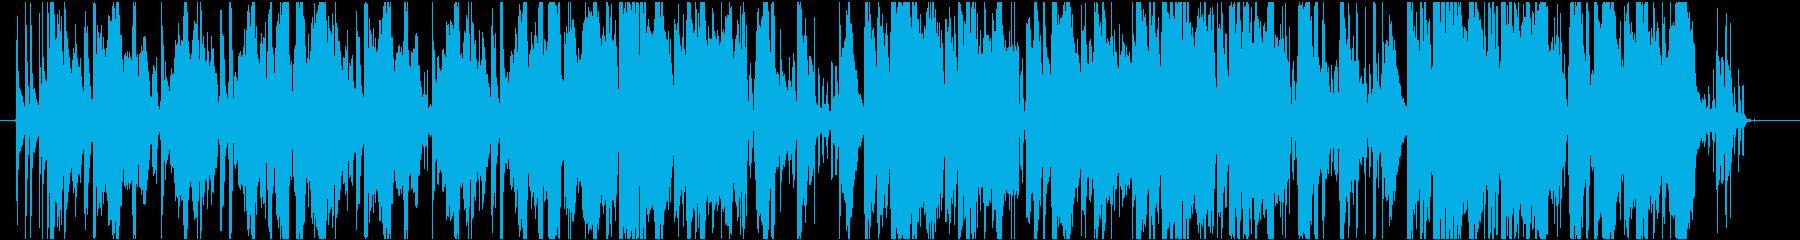 ポップ テクノ 実験的な コーポレ...の再生済みの波形